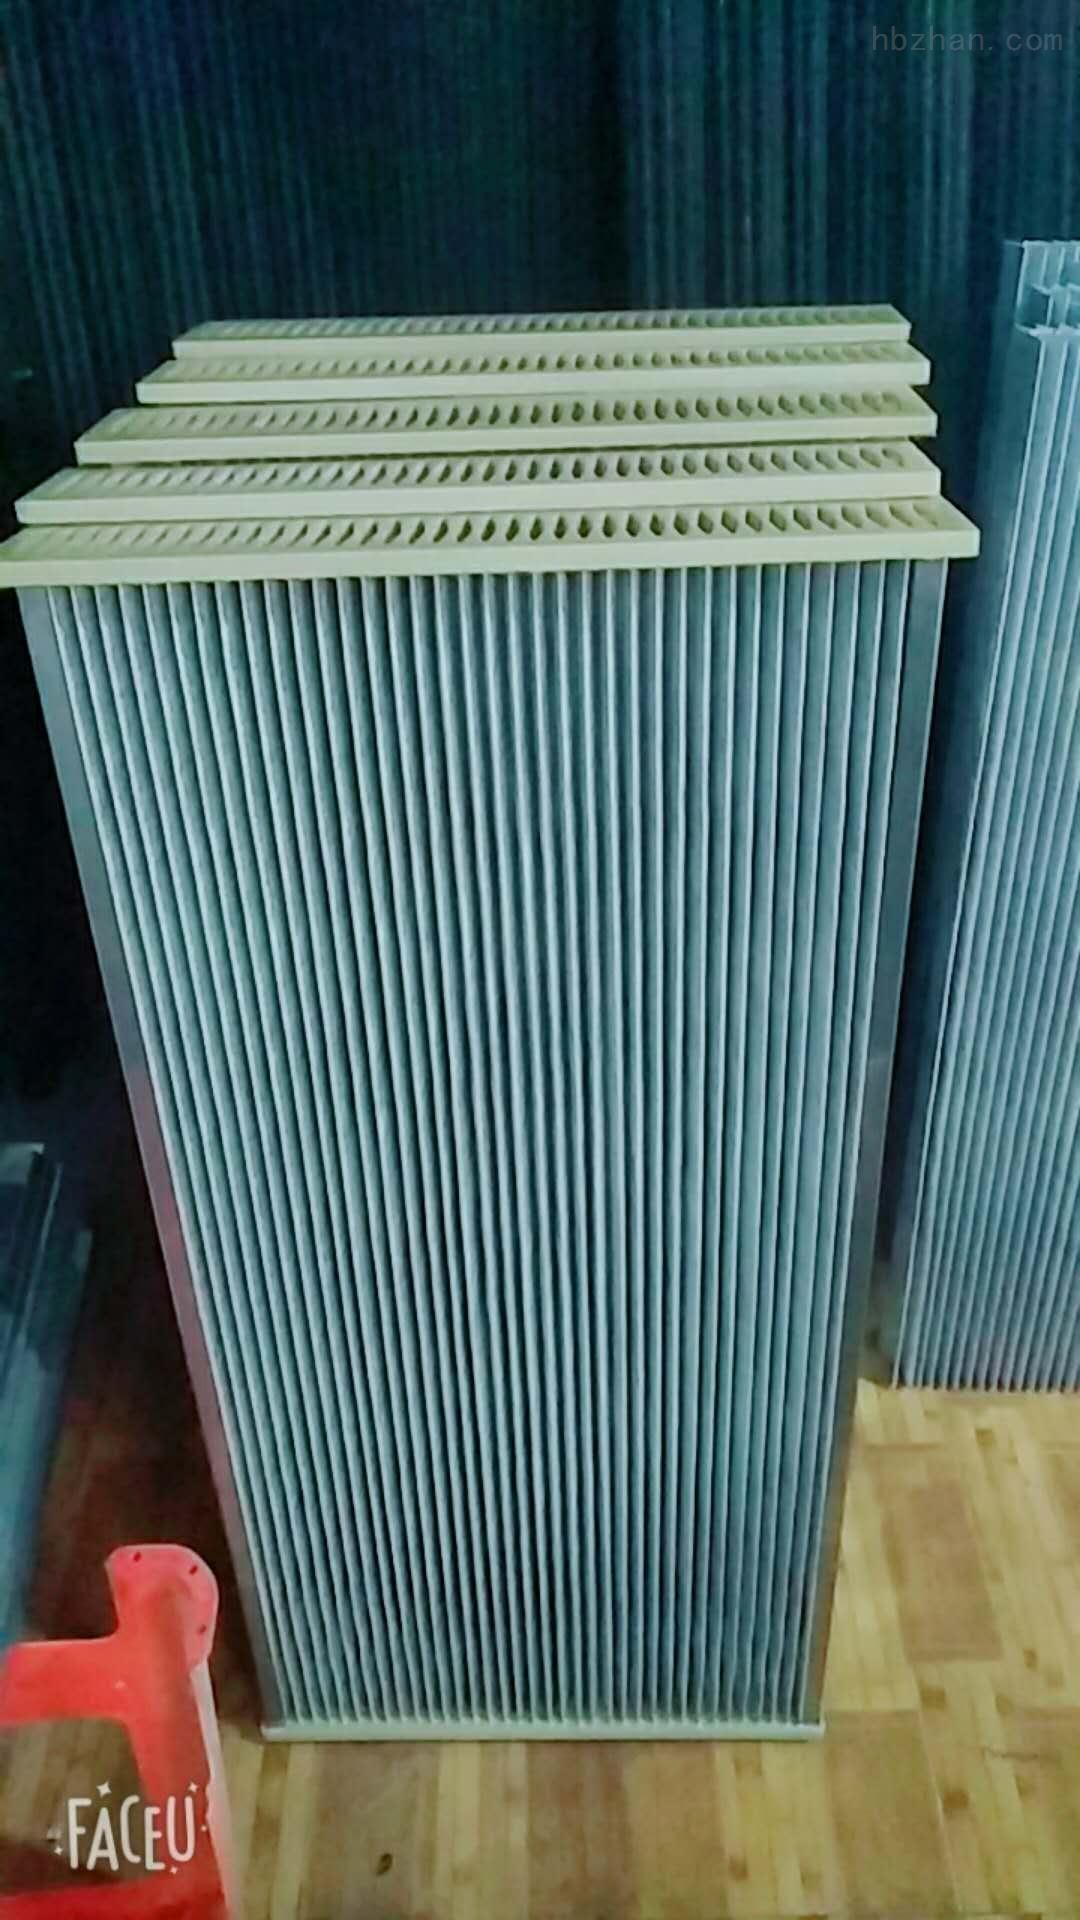 菏泽化工厂水滤芯厂家批发